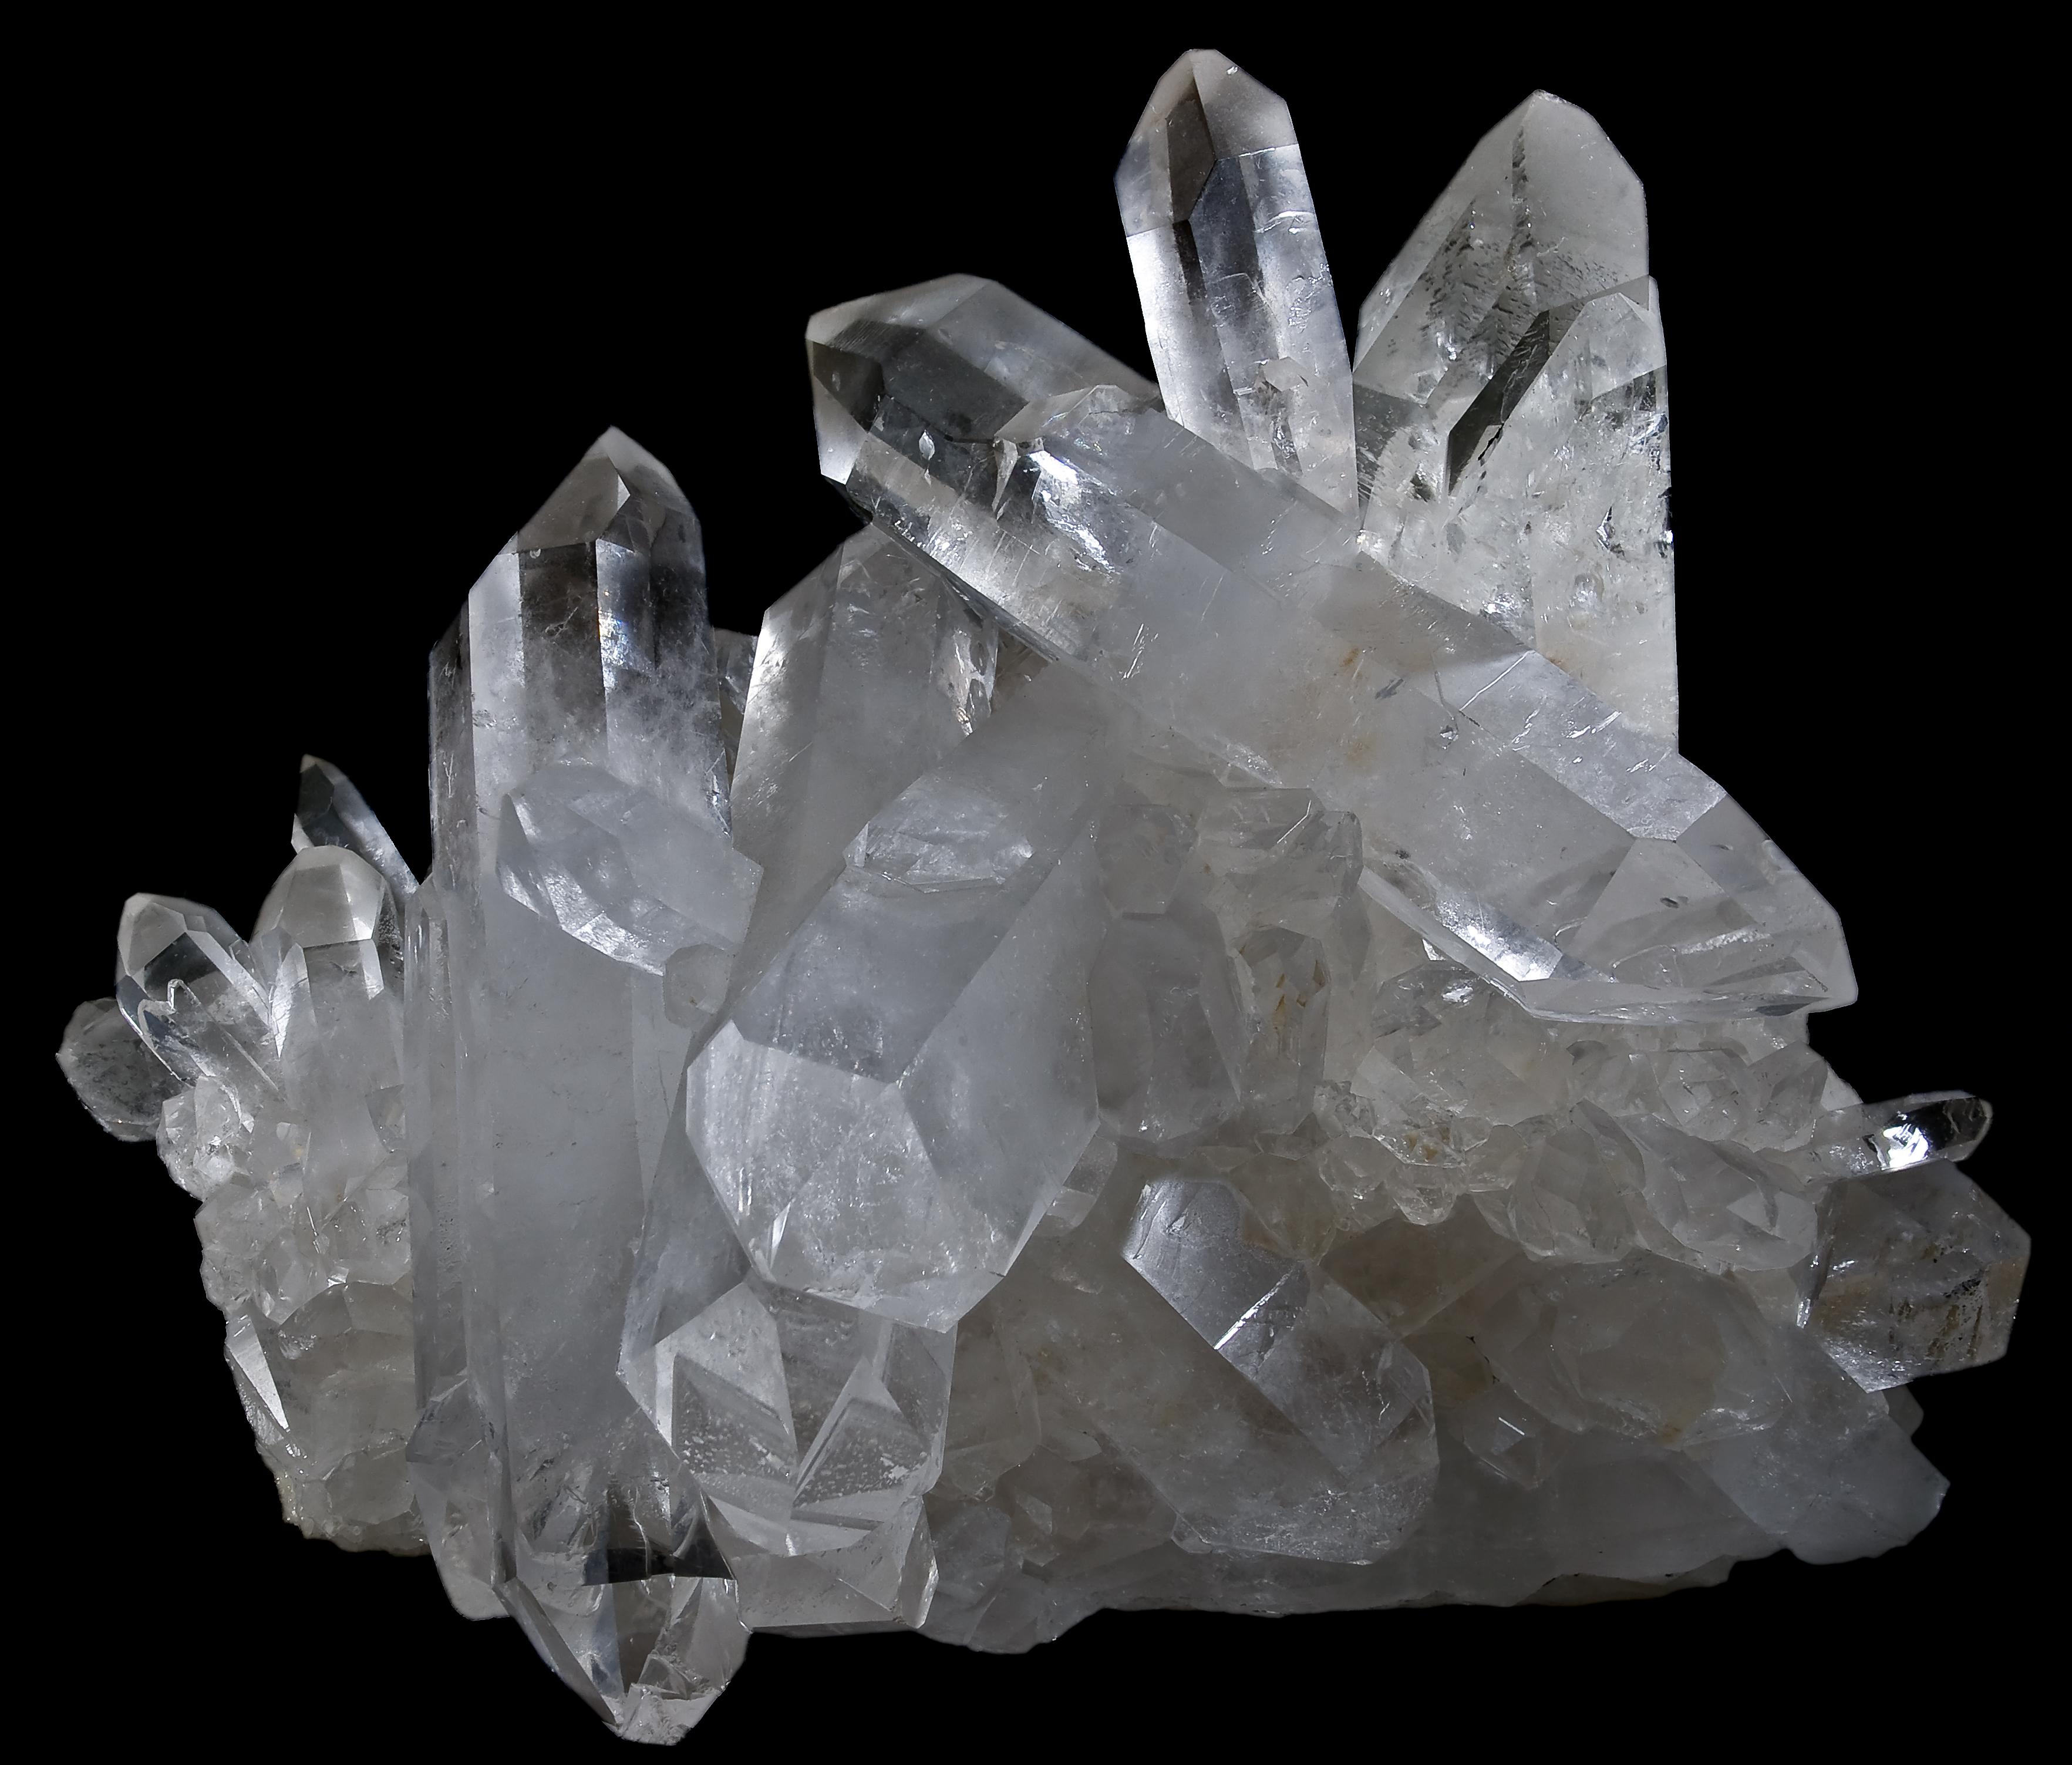 Кварц это минерал. физические свойства, описание, месторождения и фото. камень кварц.